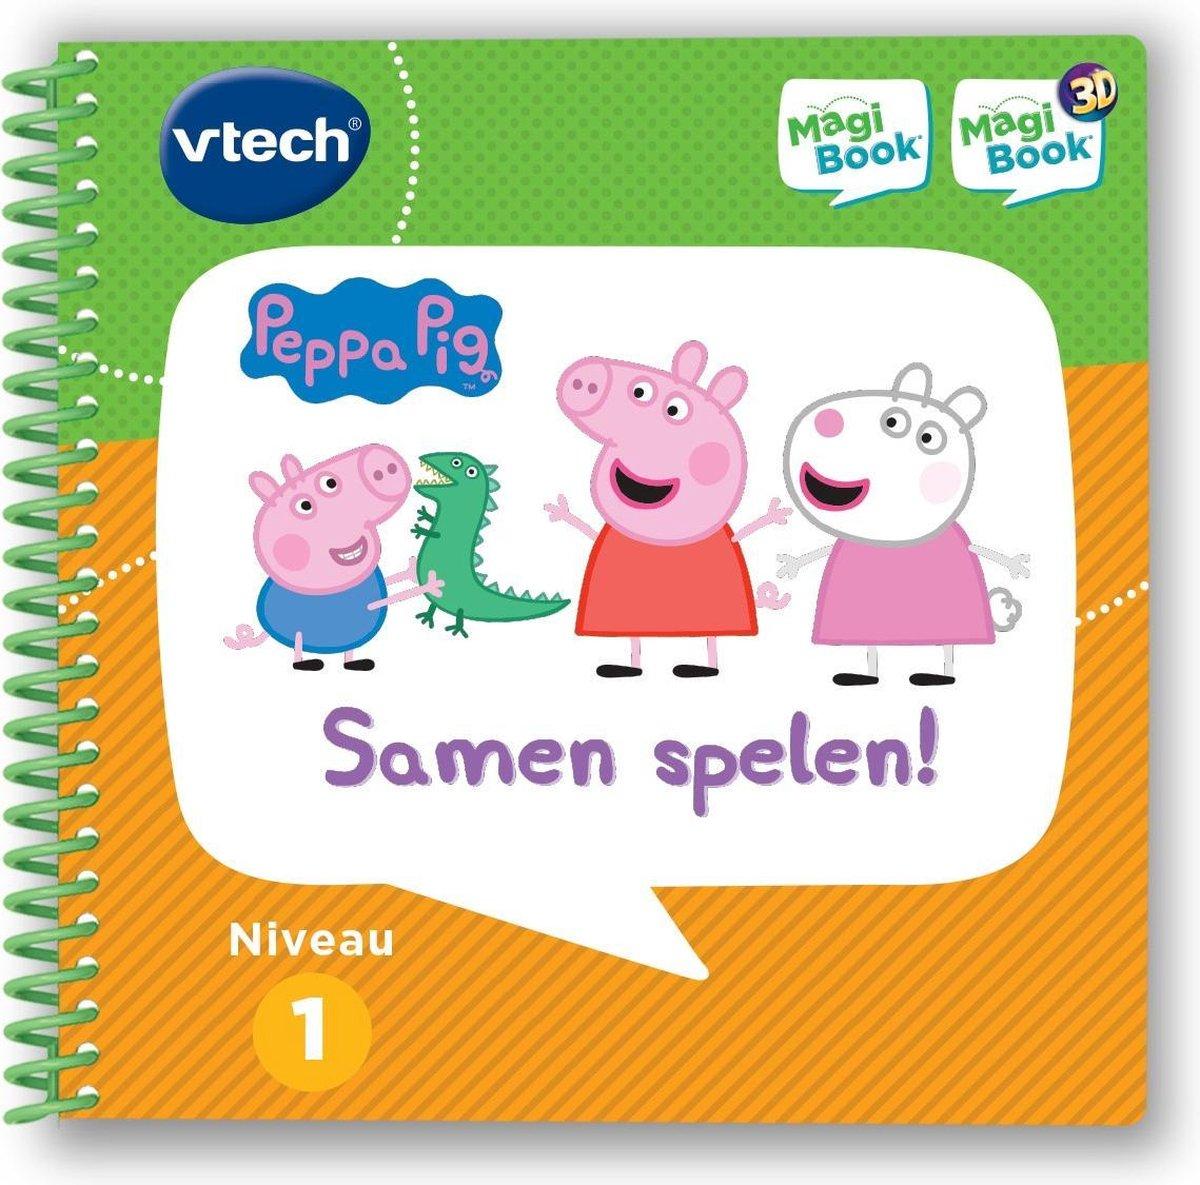 VTech MagiBook Activiteitenboek - Peppa Pig - Educatief Babyspeelgoed